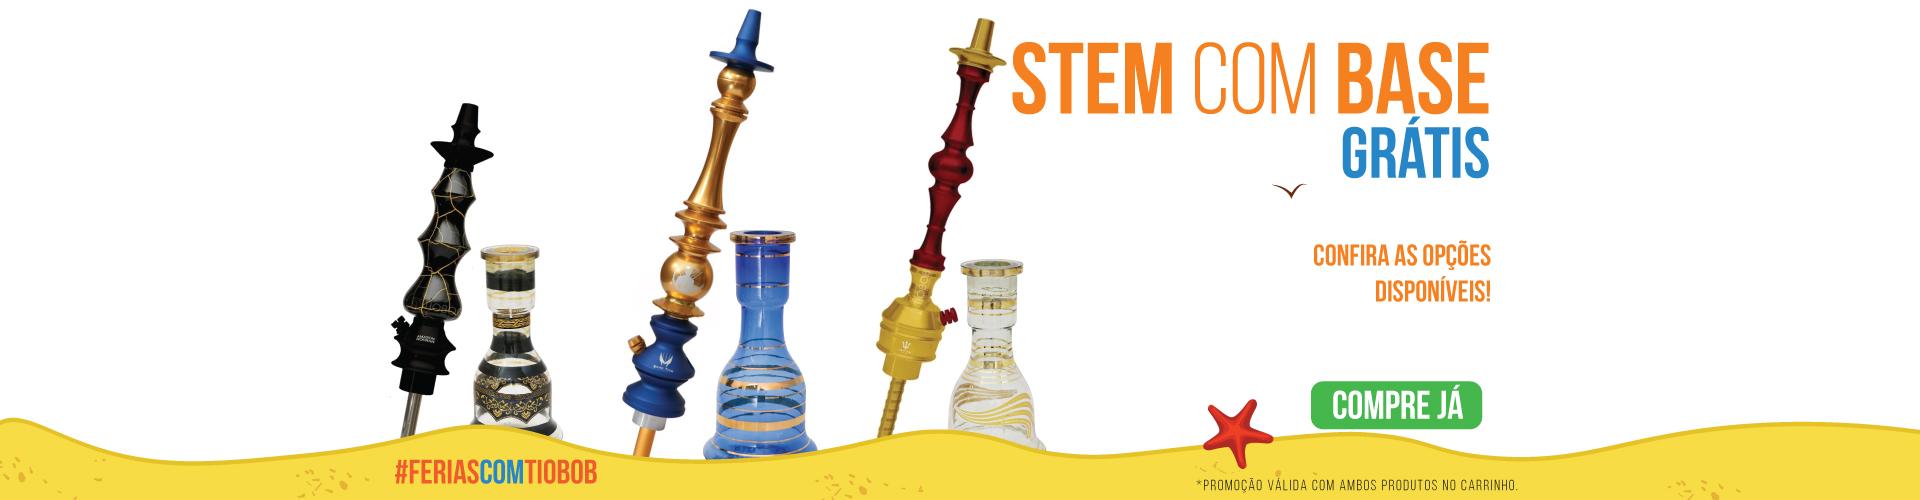 6_MASTER_DESK_STEM_BASE